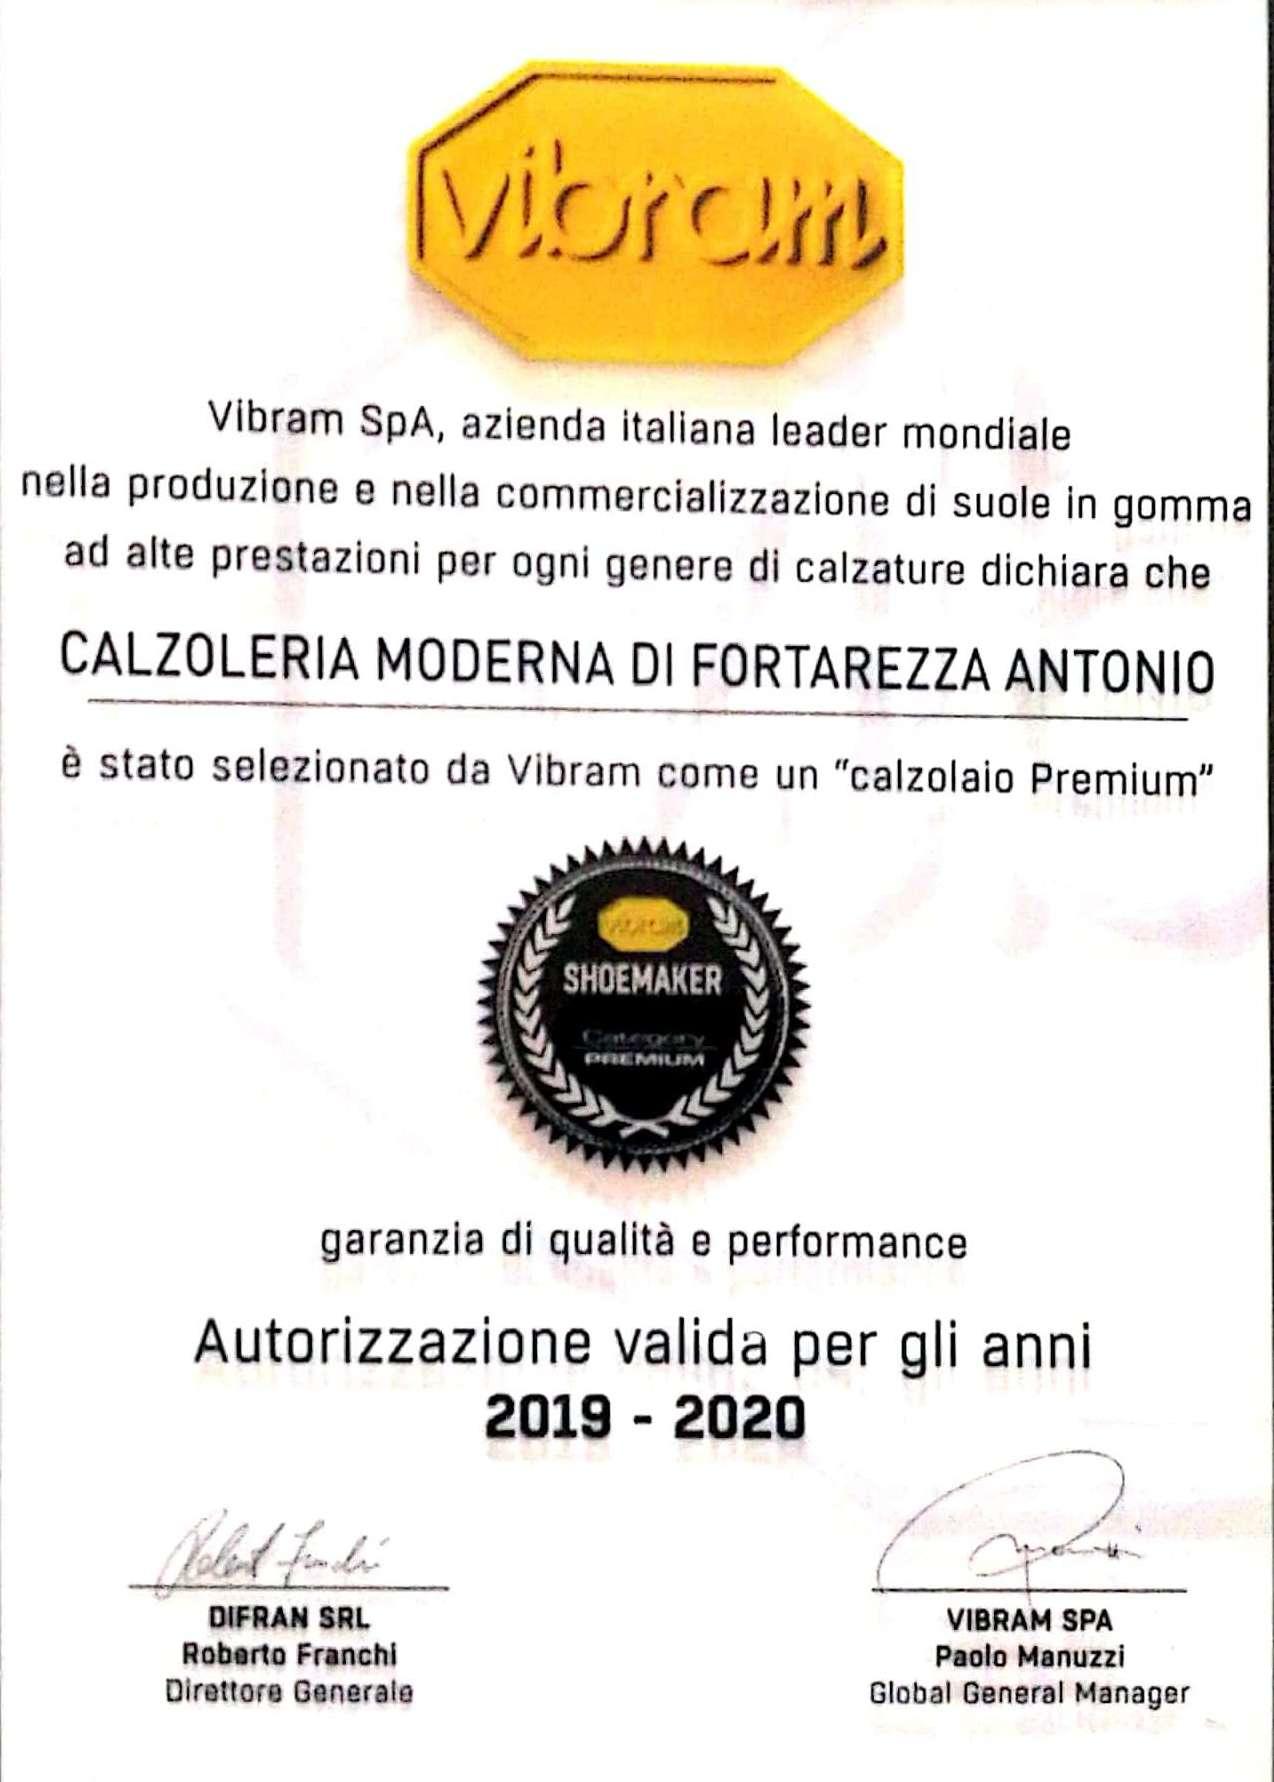 Calzoleria moderna: lavaggio scarpe e borse a Milano